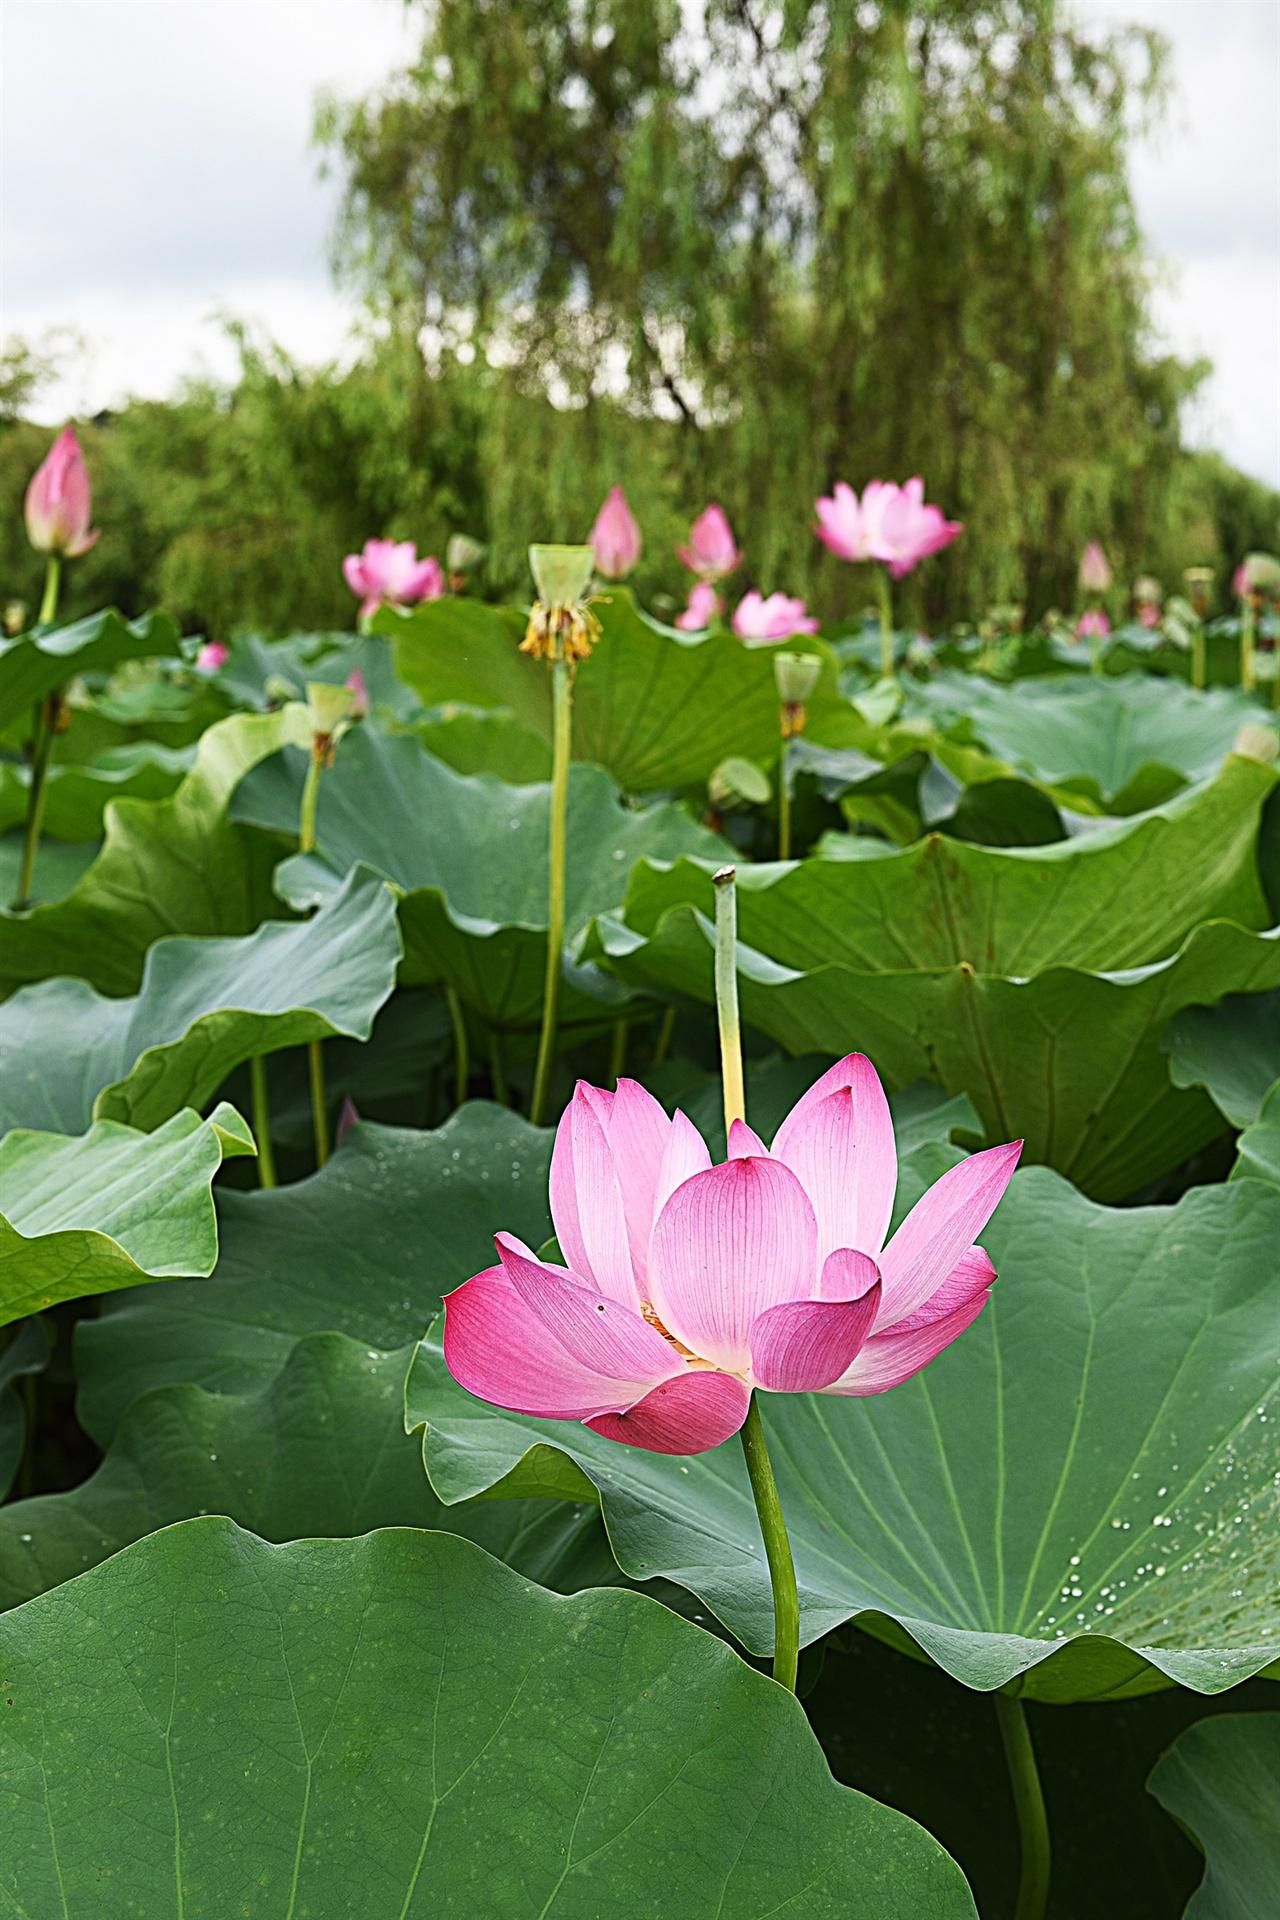 궁남지 연꽃  우리나라에서 가장 오래된 인공 연못 궁남지 연꽃 단지의 홍련